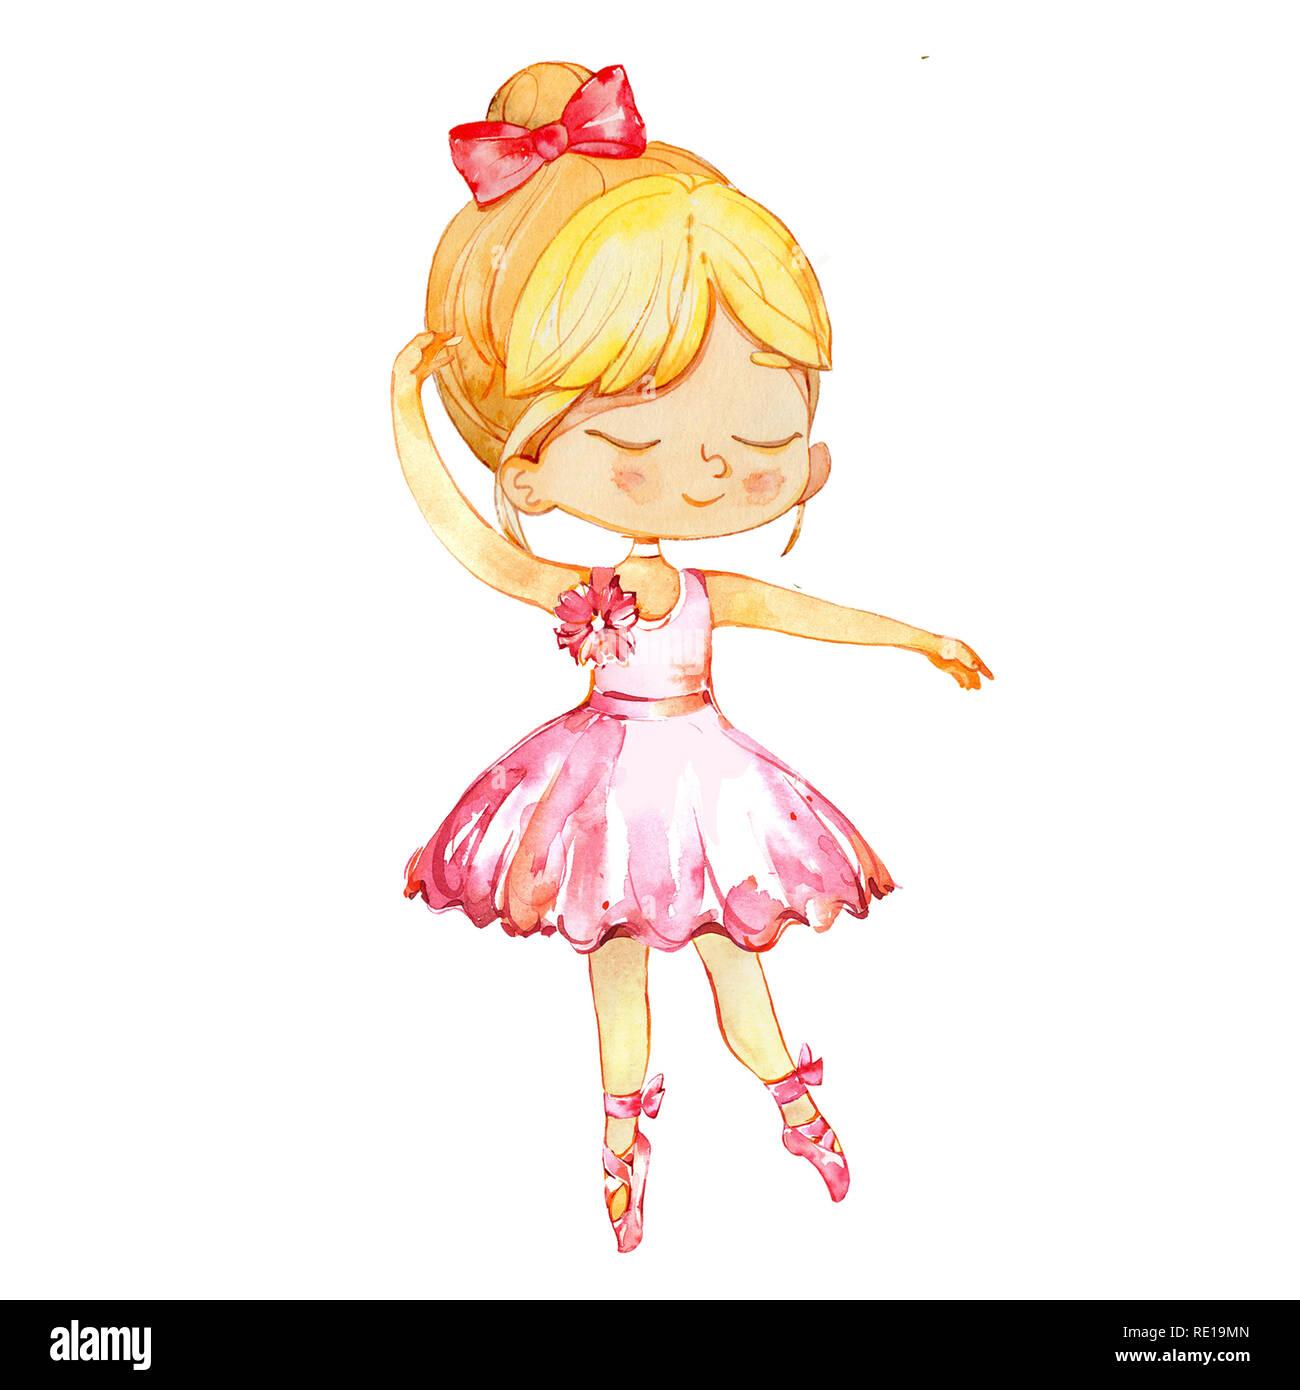 fb9c87e9e Cartoon Girl Dancing Stock Photos   Cartoon Girl Dancing Stock ...